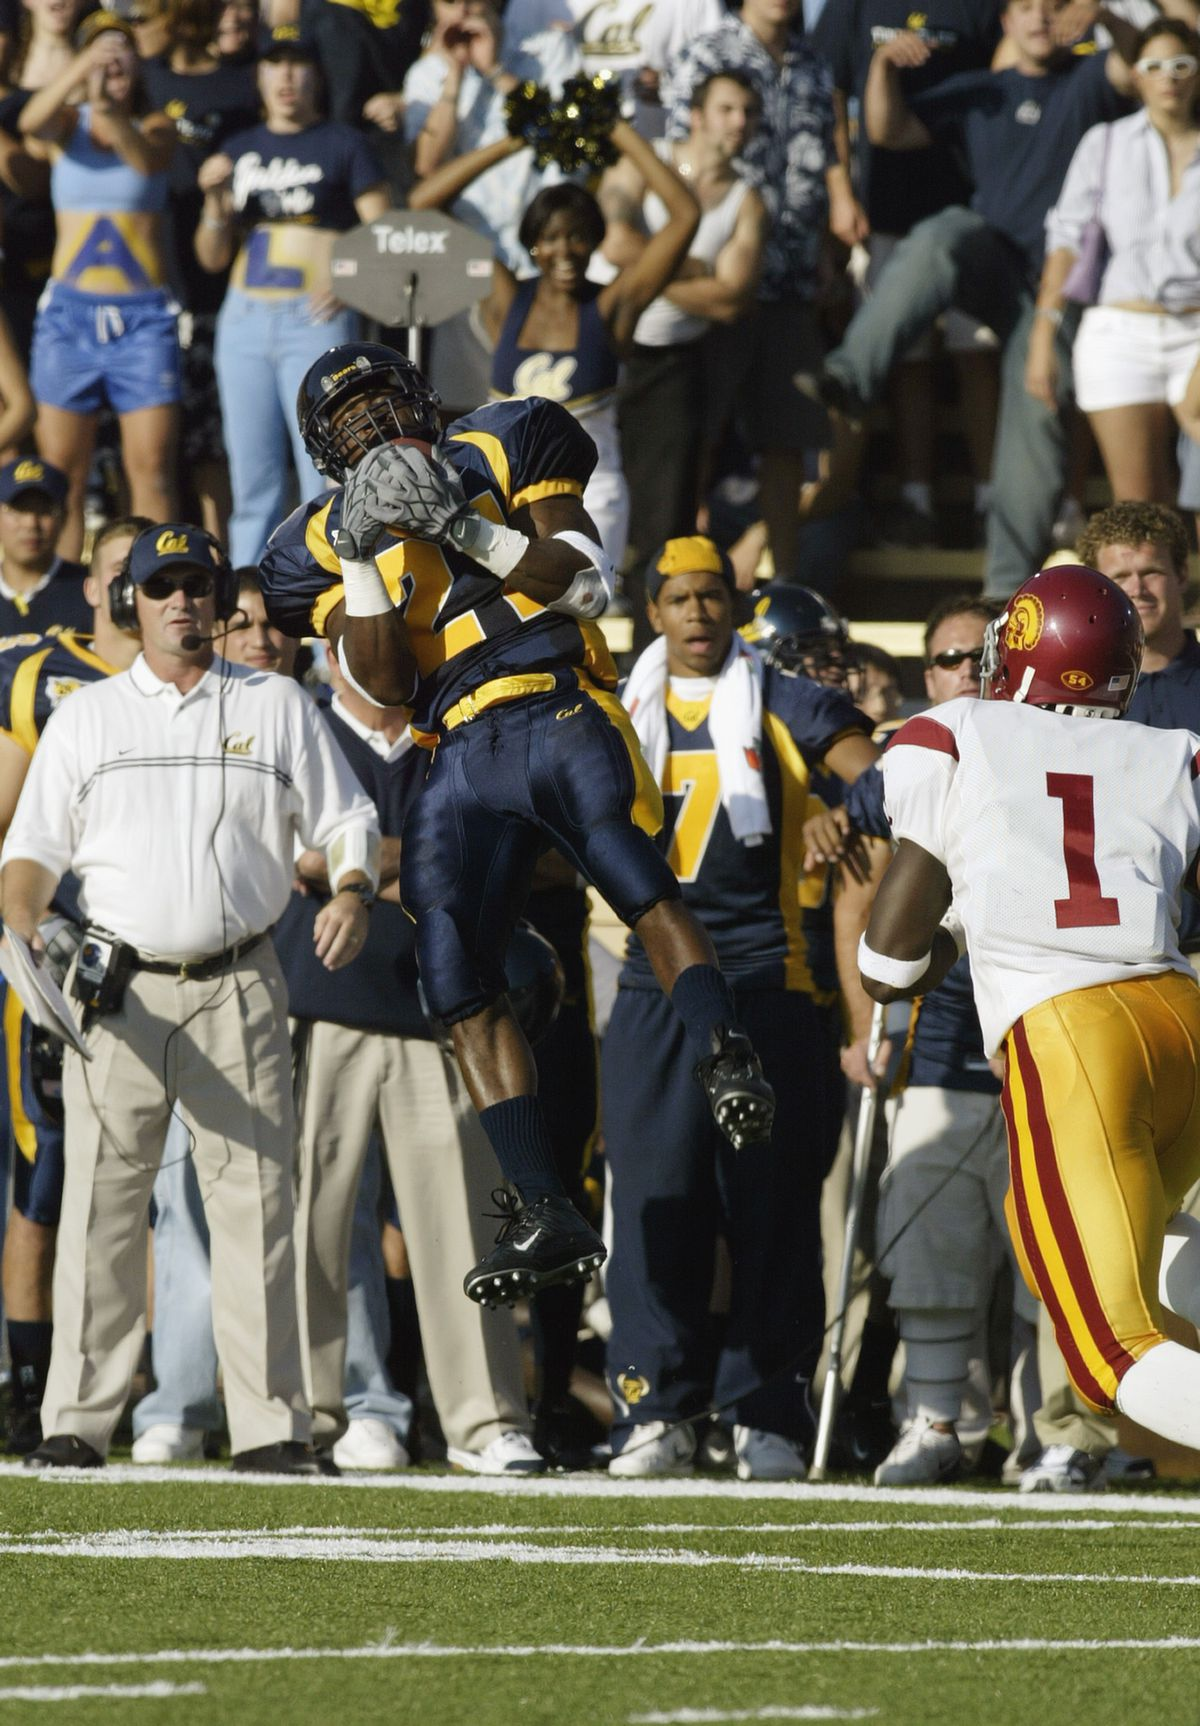 Donnie McClesky intercepts Trojan pass